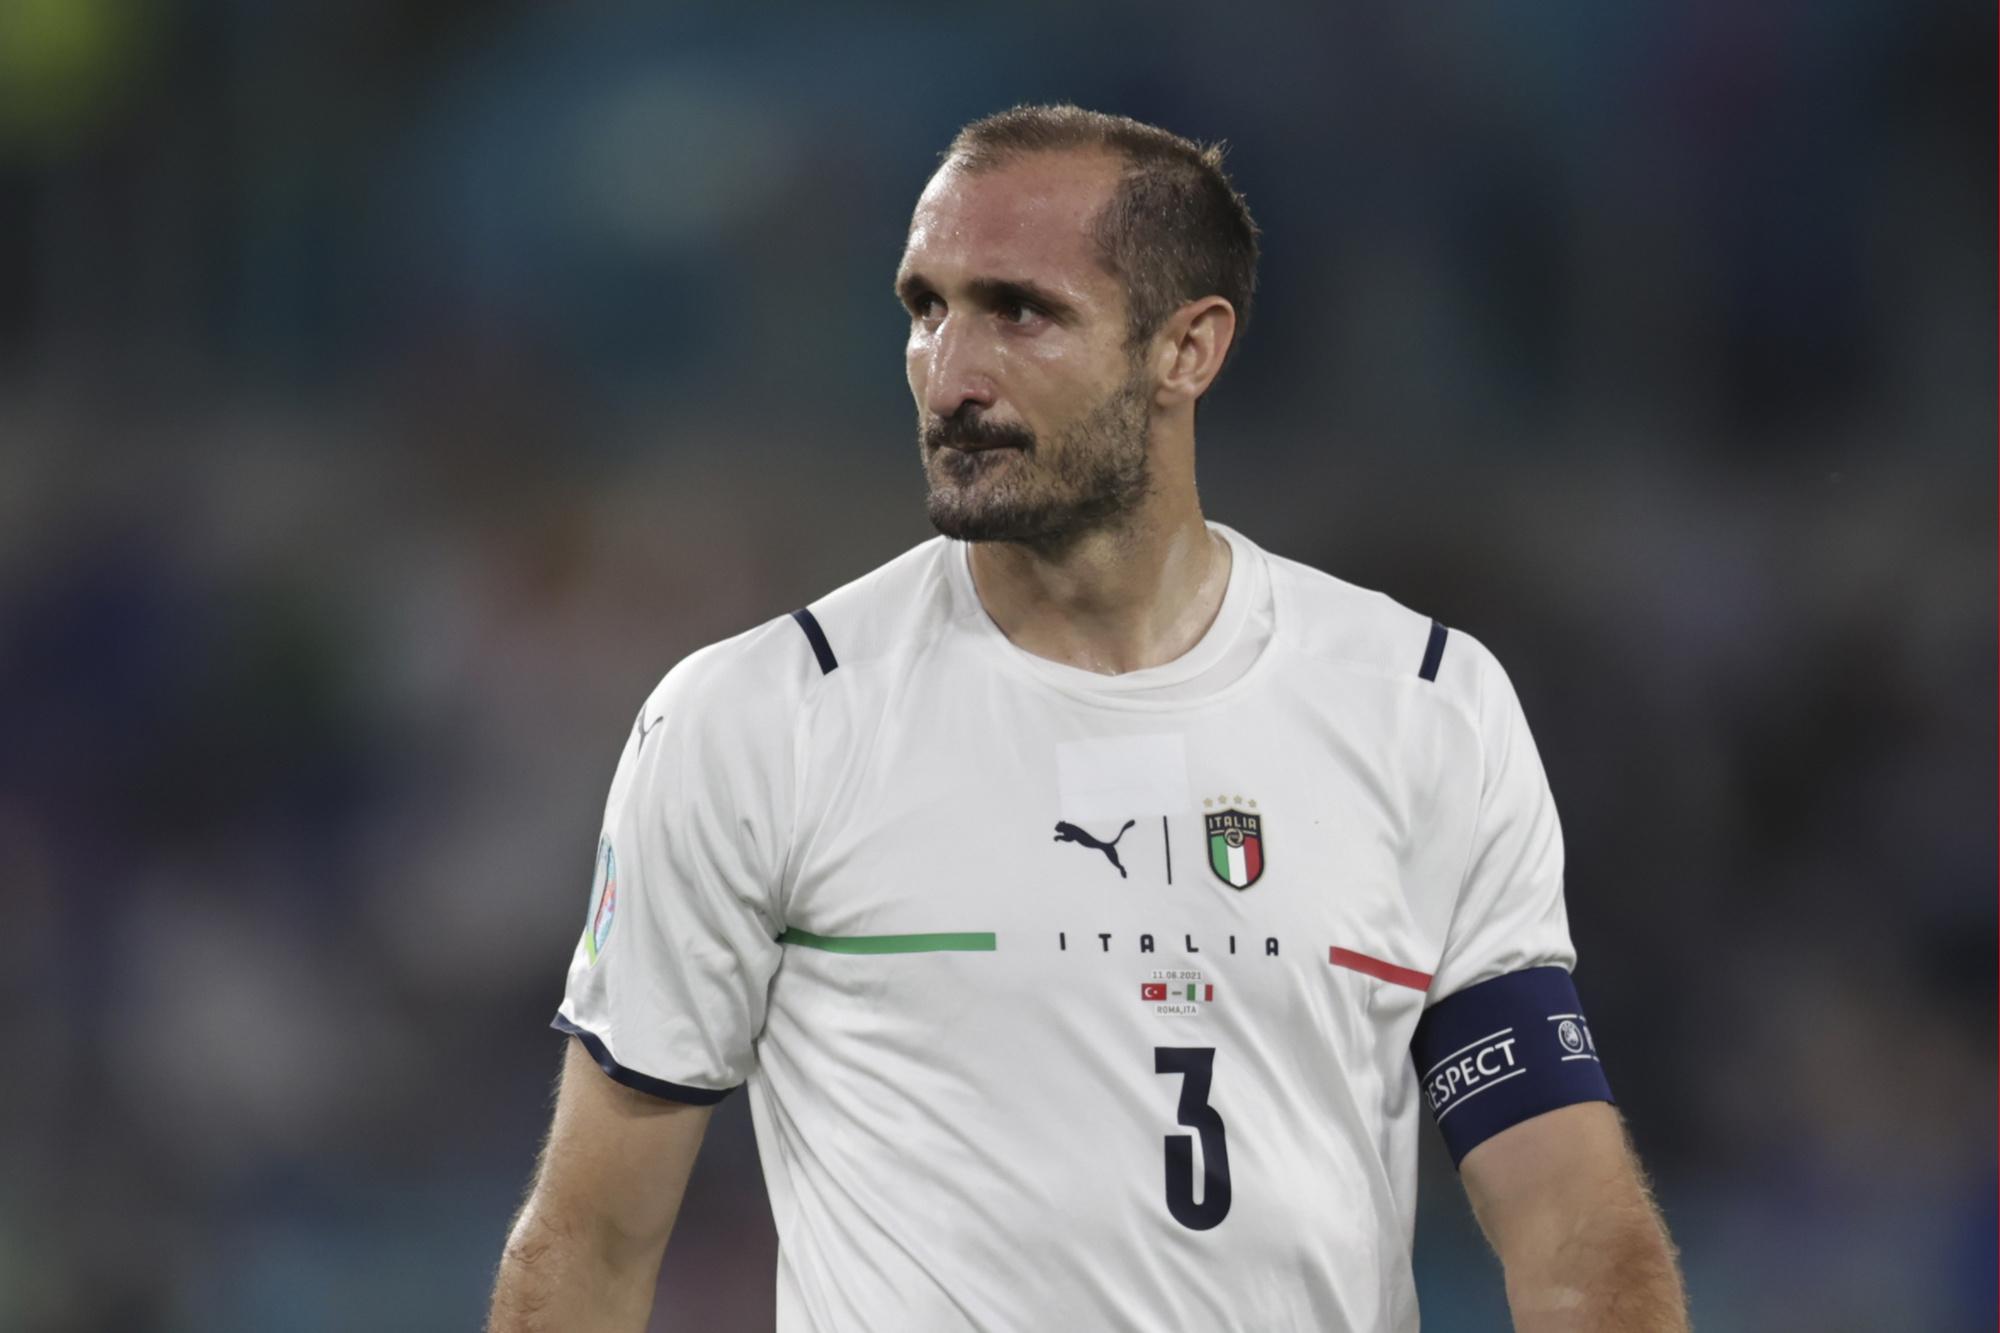 Giorgio Chiellini kan nog op dit EK recordhouder in aantal EURO-wedstrijden worden bij Italië., GETTY